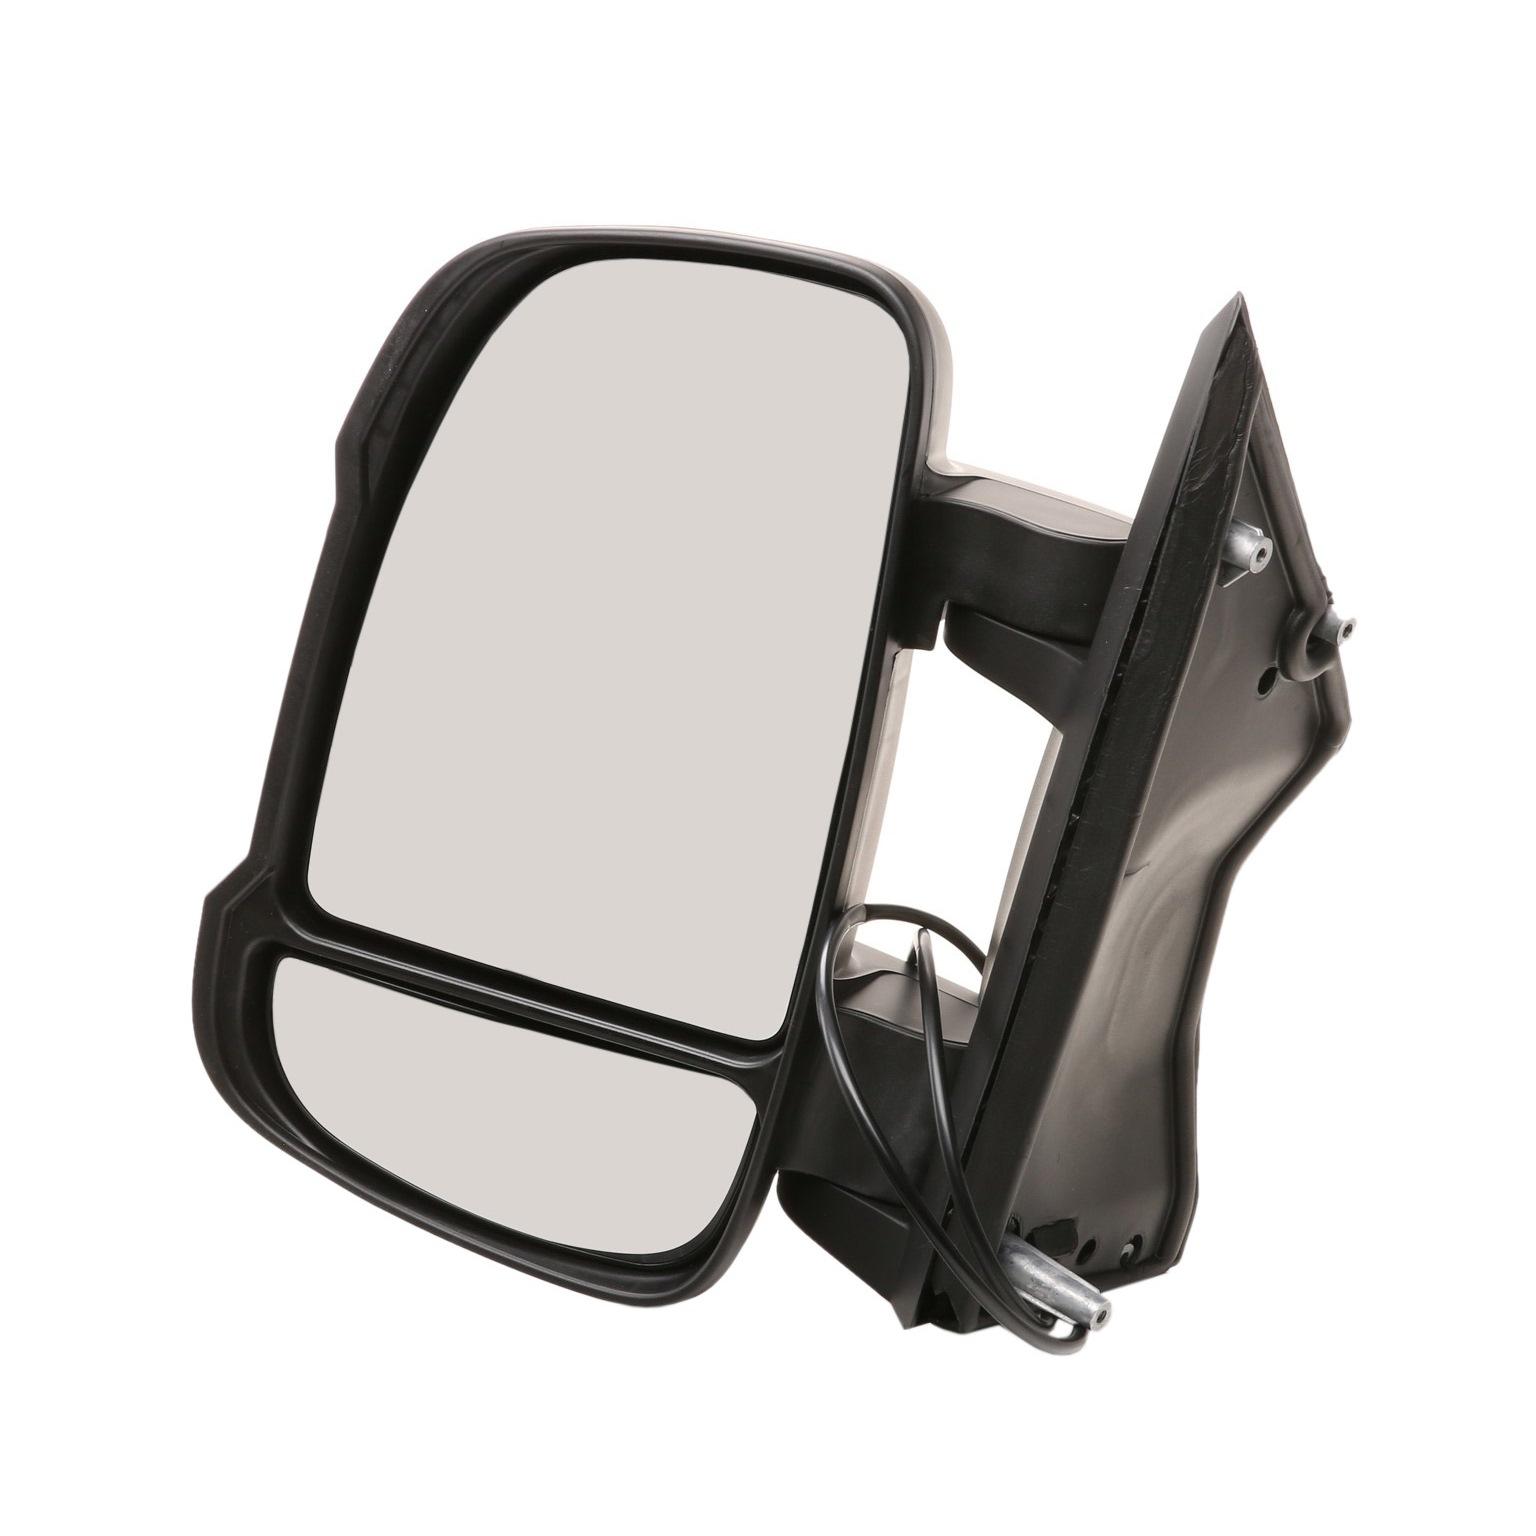 Backspeglar SKOM-1040468 STARK — bara nya delar